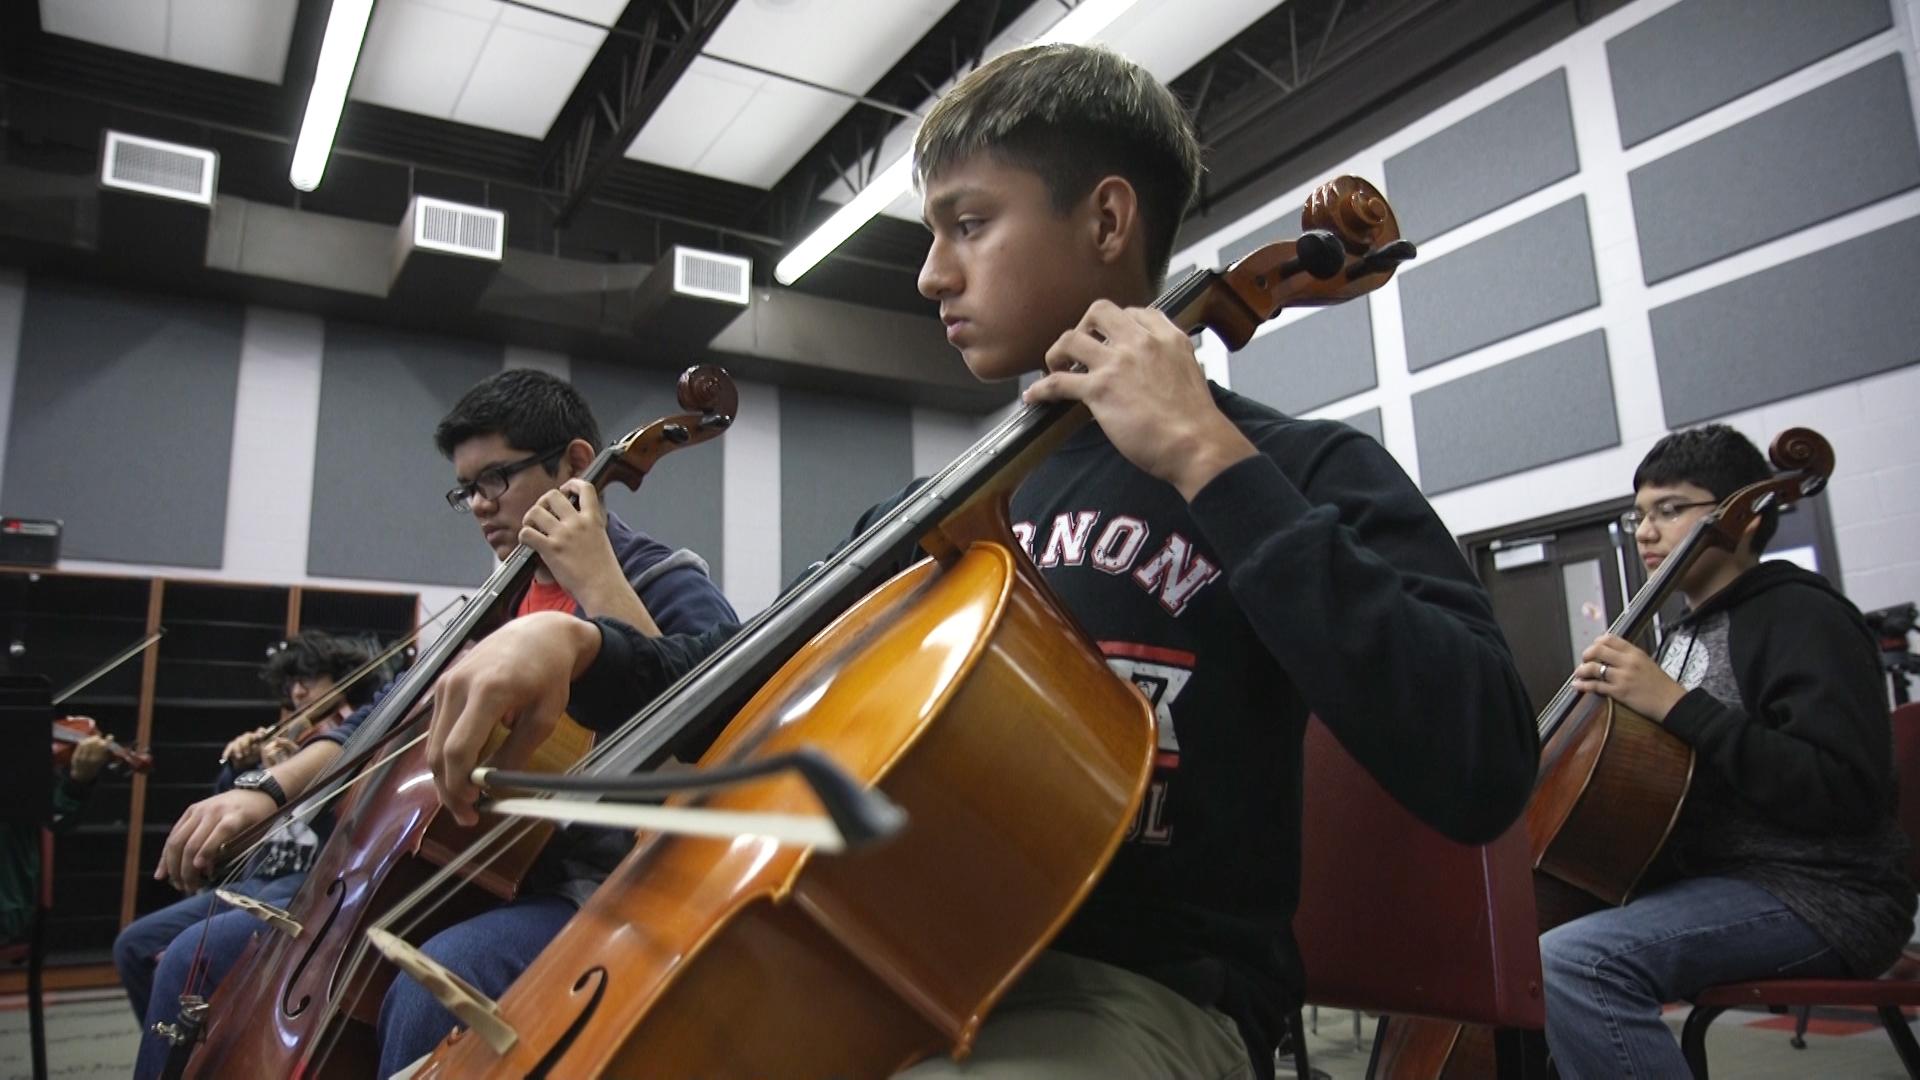 Vernon Music Department: Academic achievement through fine arts